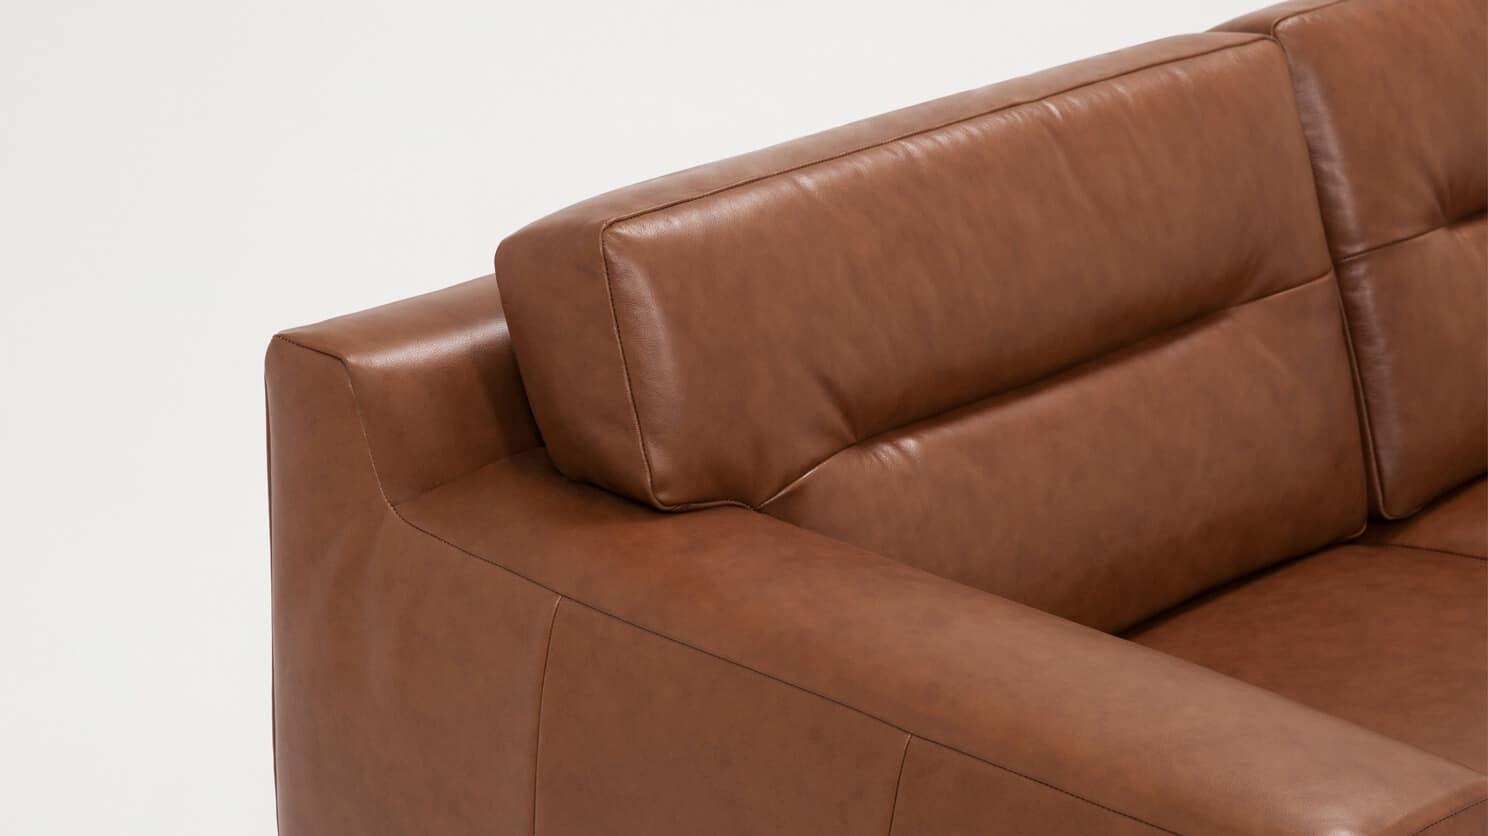 37132 s3 hp 4 sofas remi sofa classic sahara detail 02